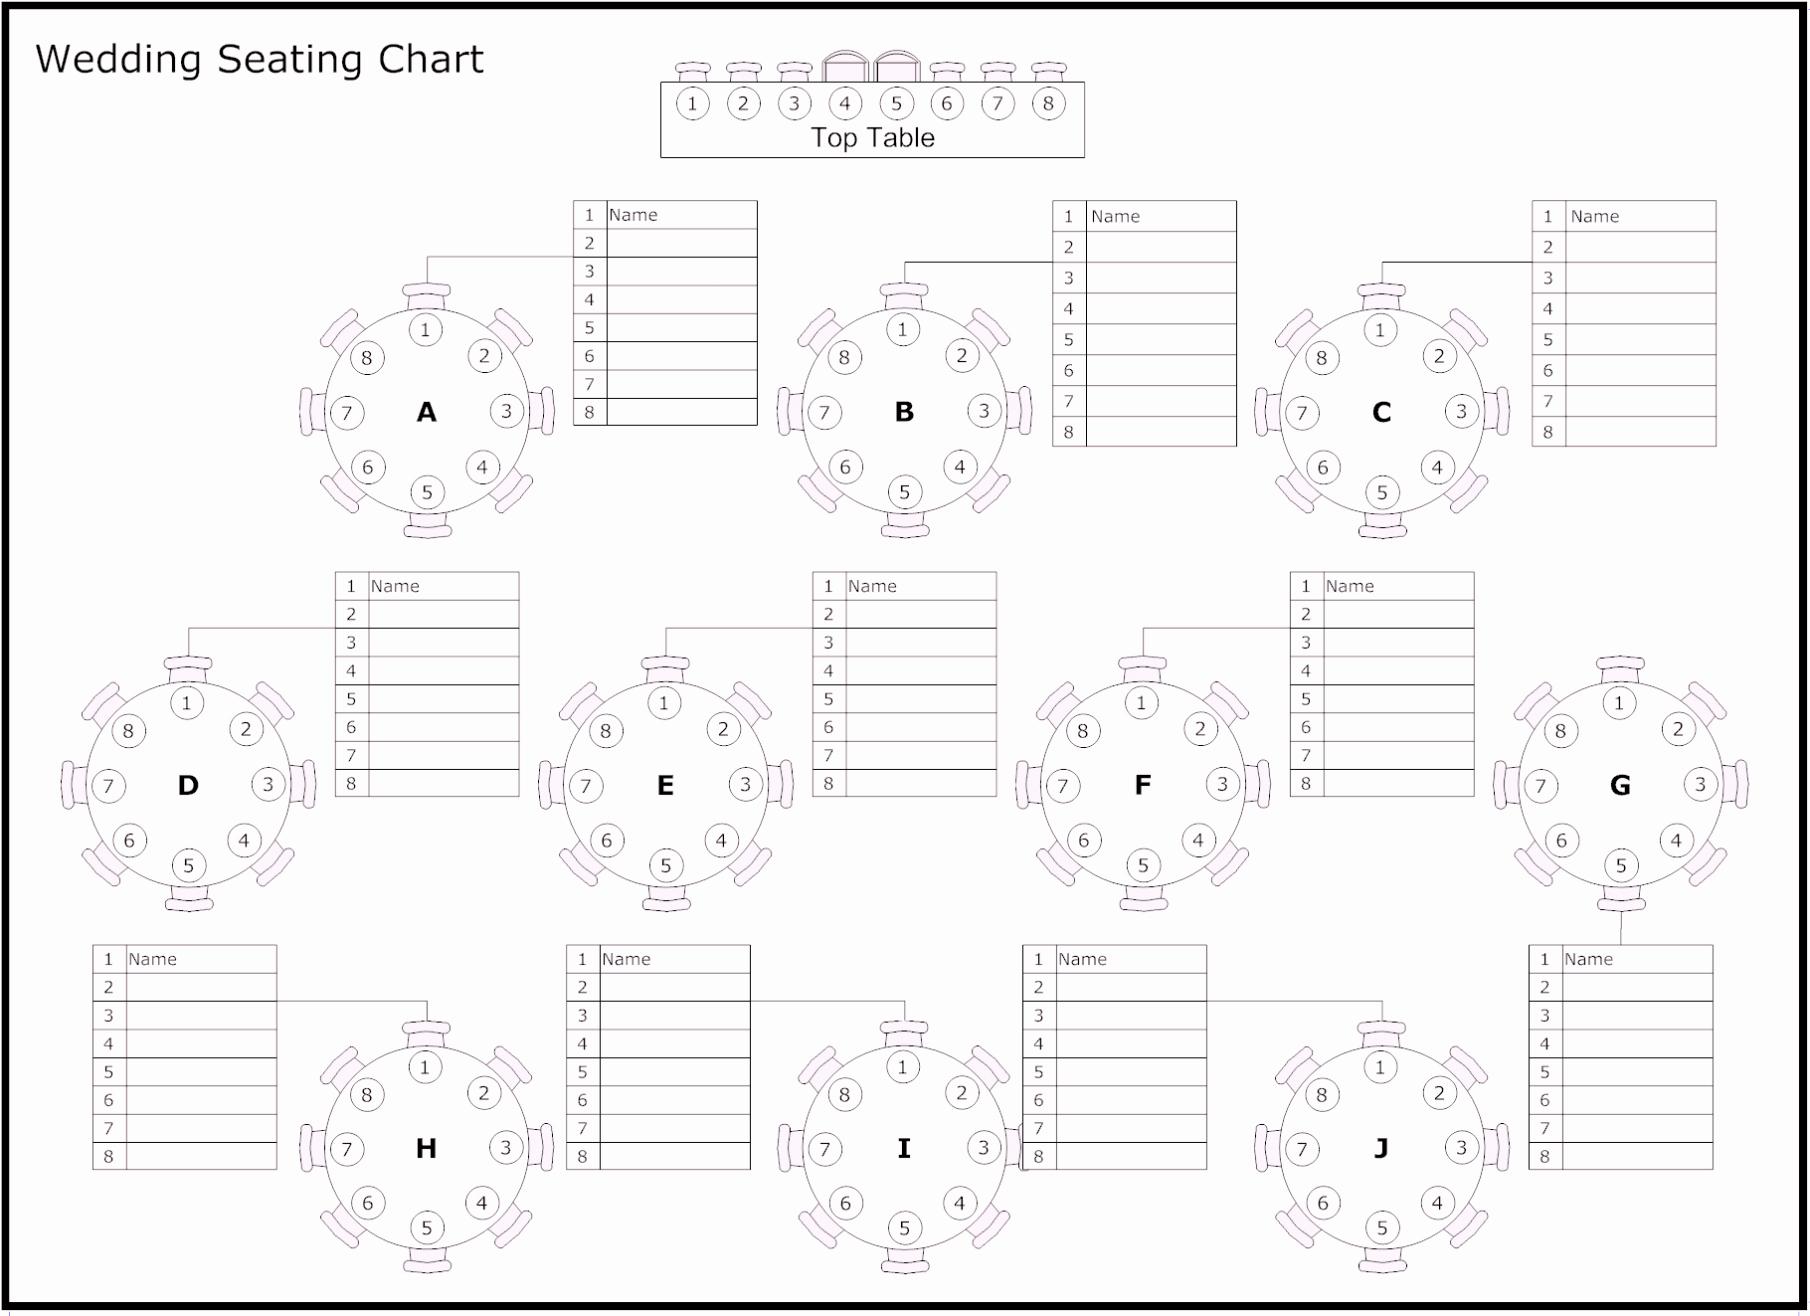 Printable Wedding Seating Chart Template Awesome Free Table Of Reception & Wedding Seating Chart Template